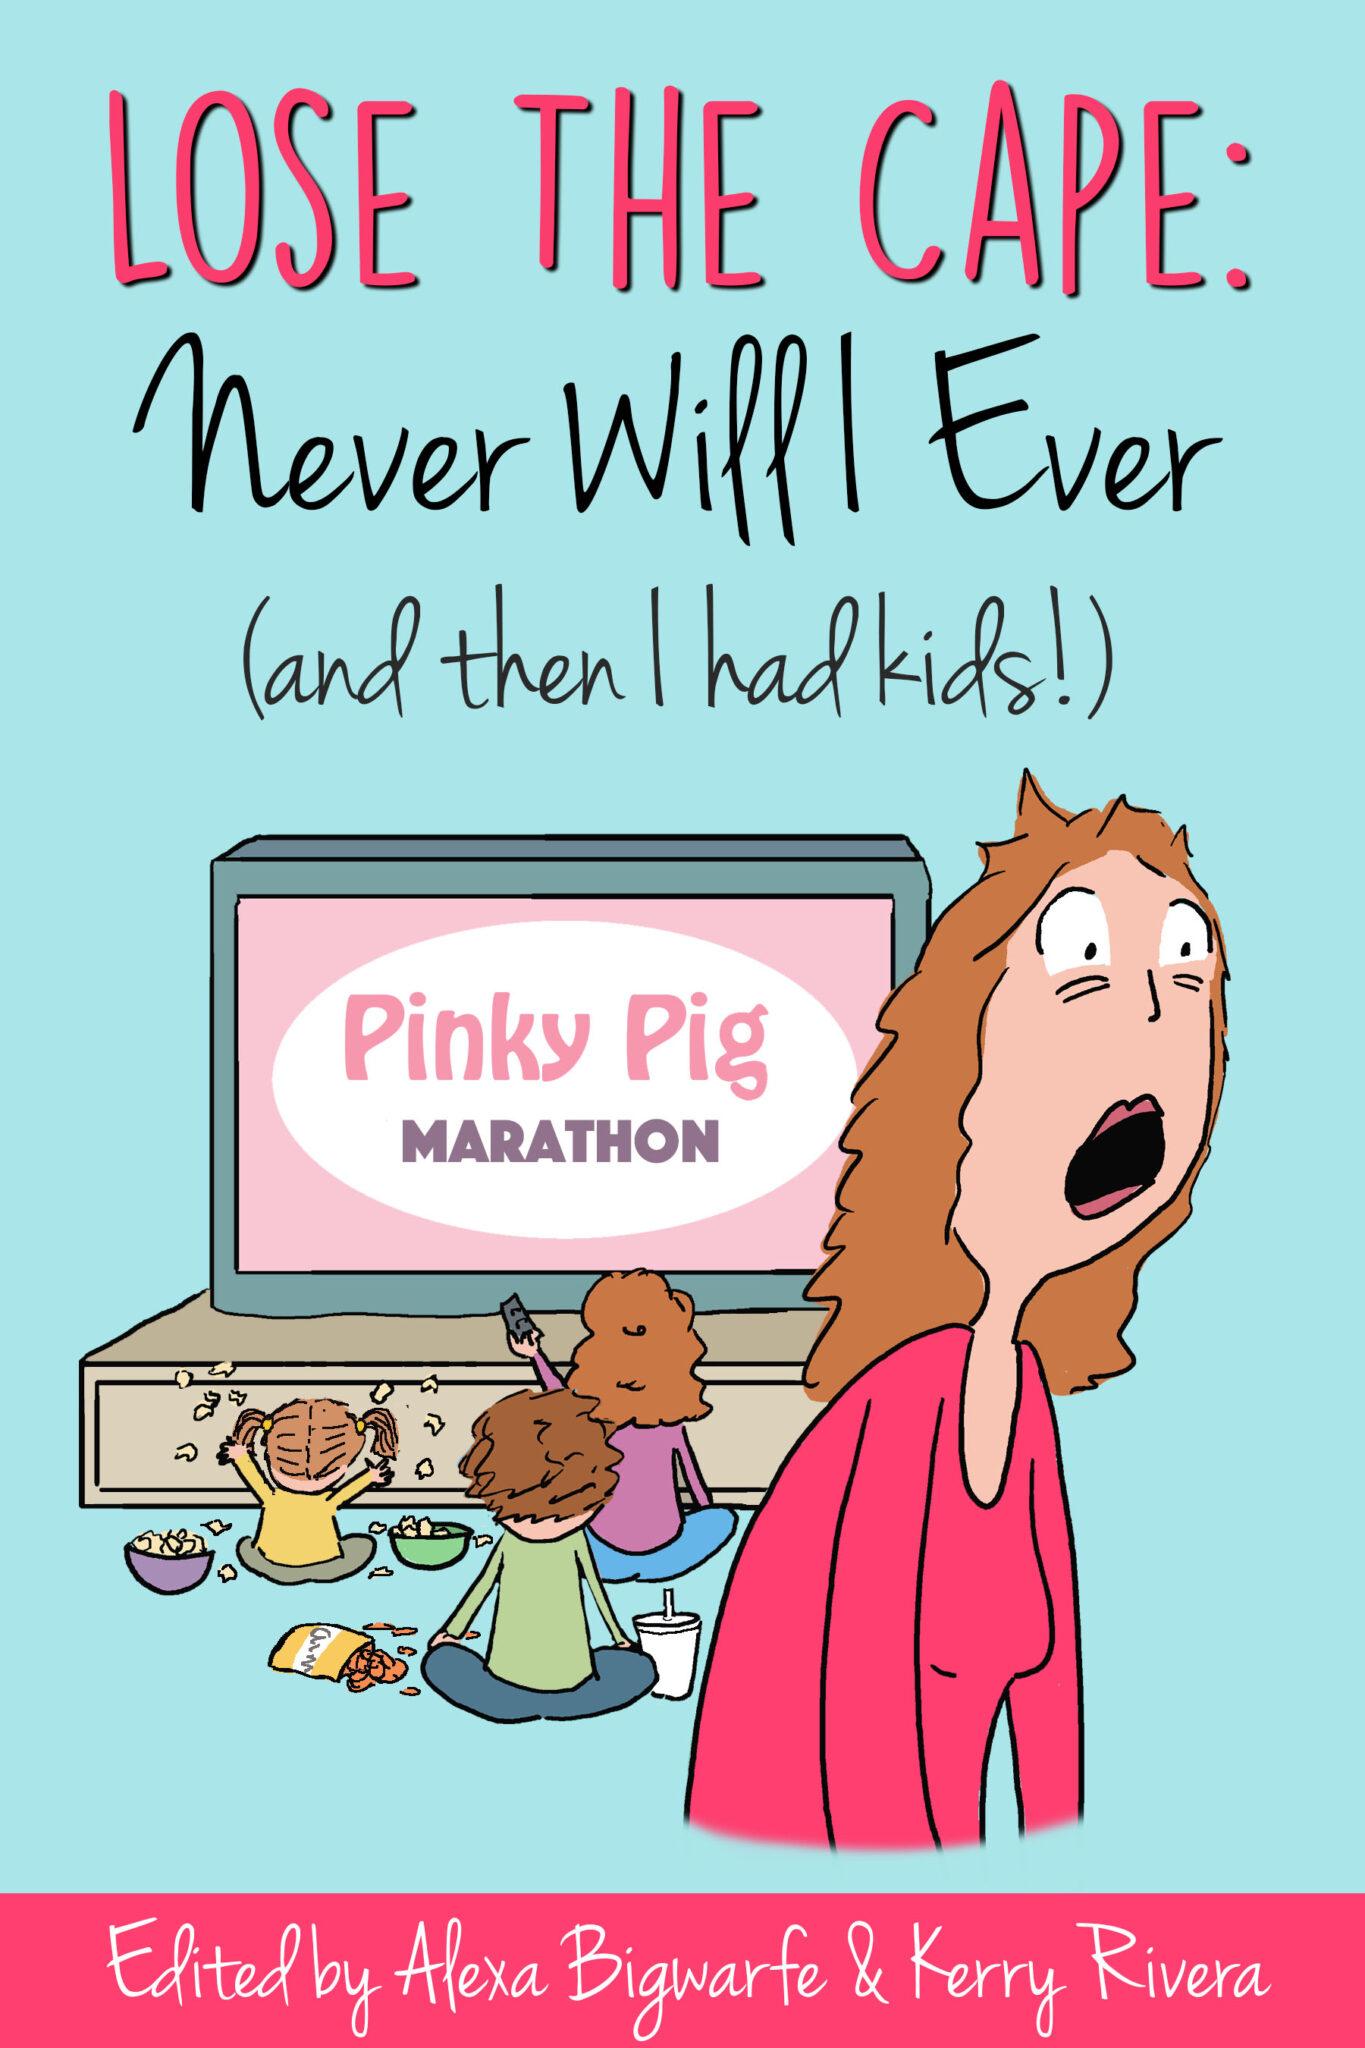 Never Will I Ever….a book review #LoseTheCape